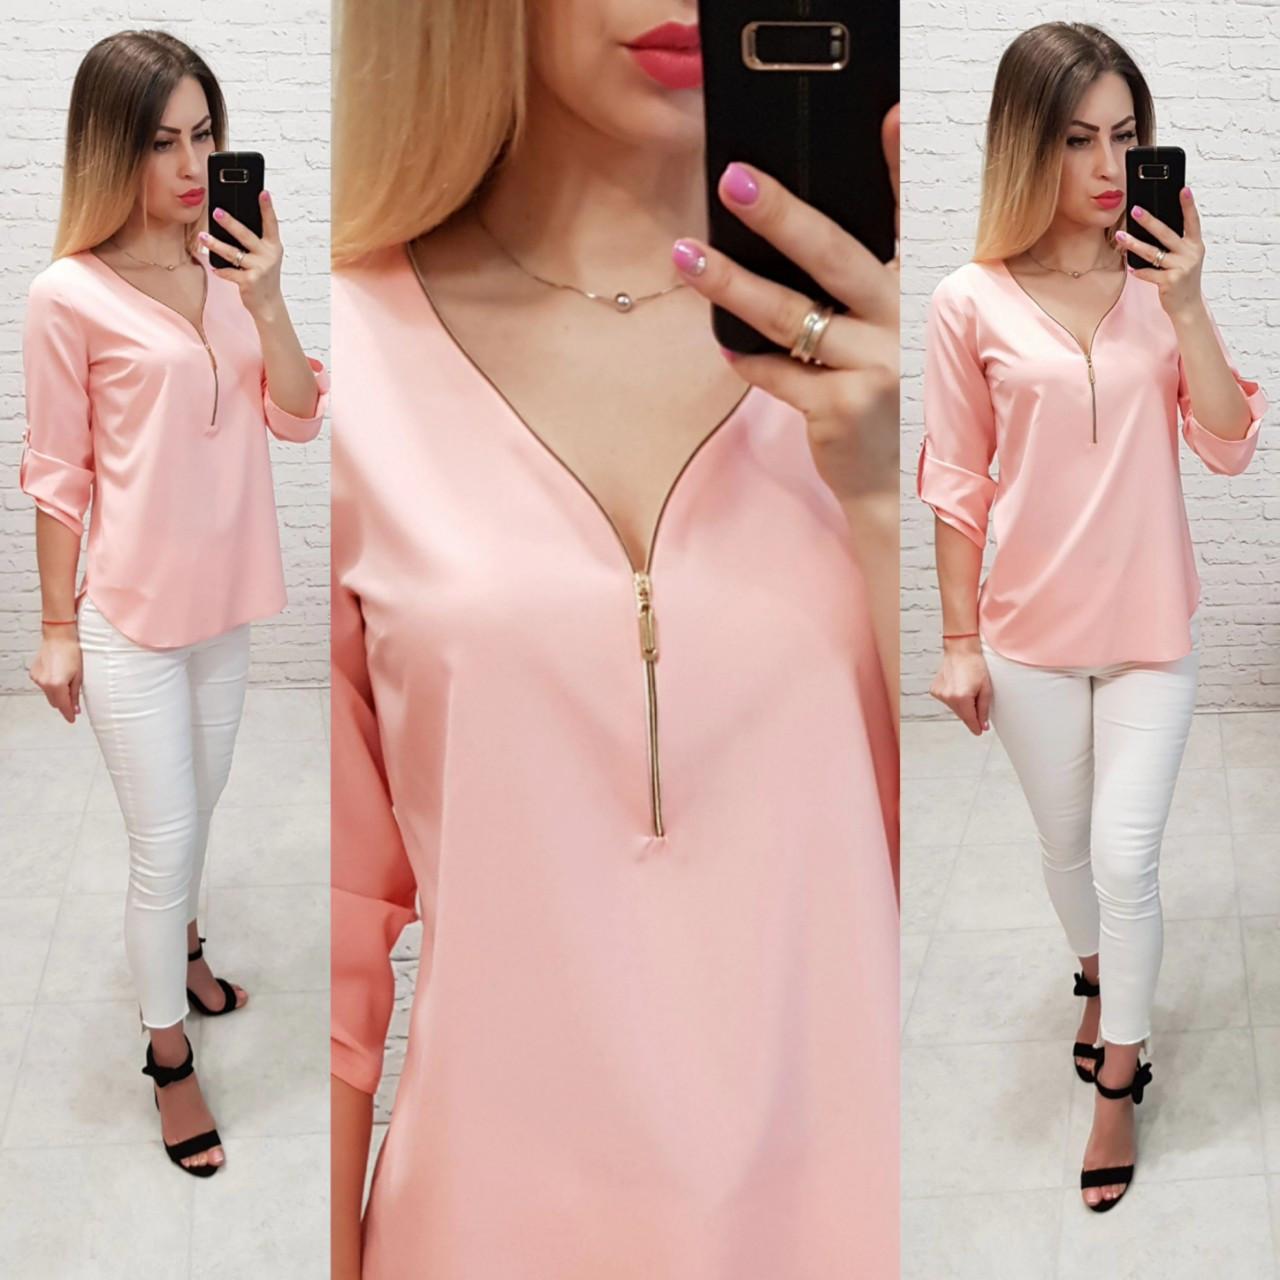 Блузка 158 Ткань: арт 158 нежно розовая